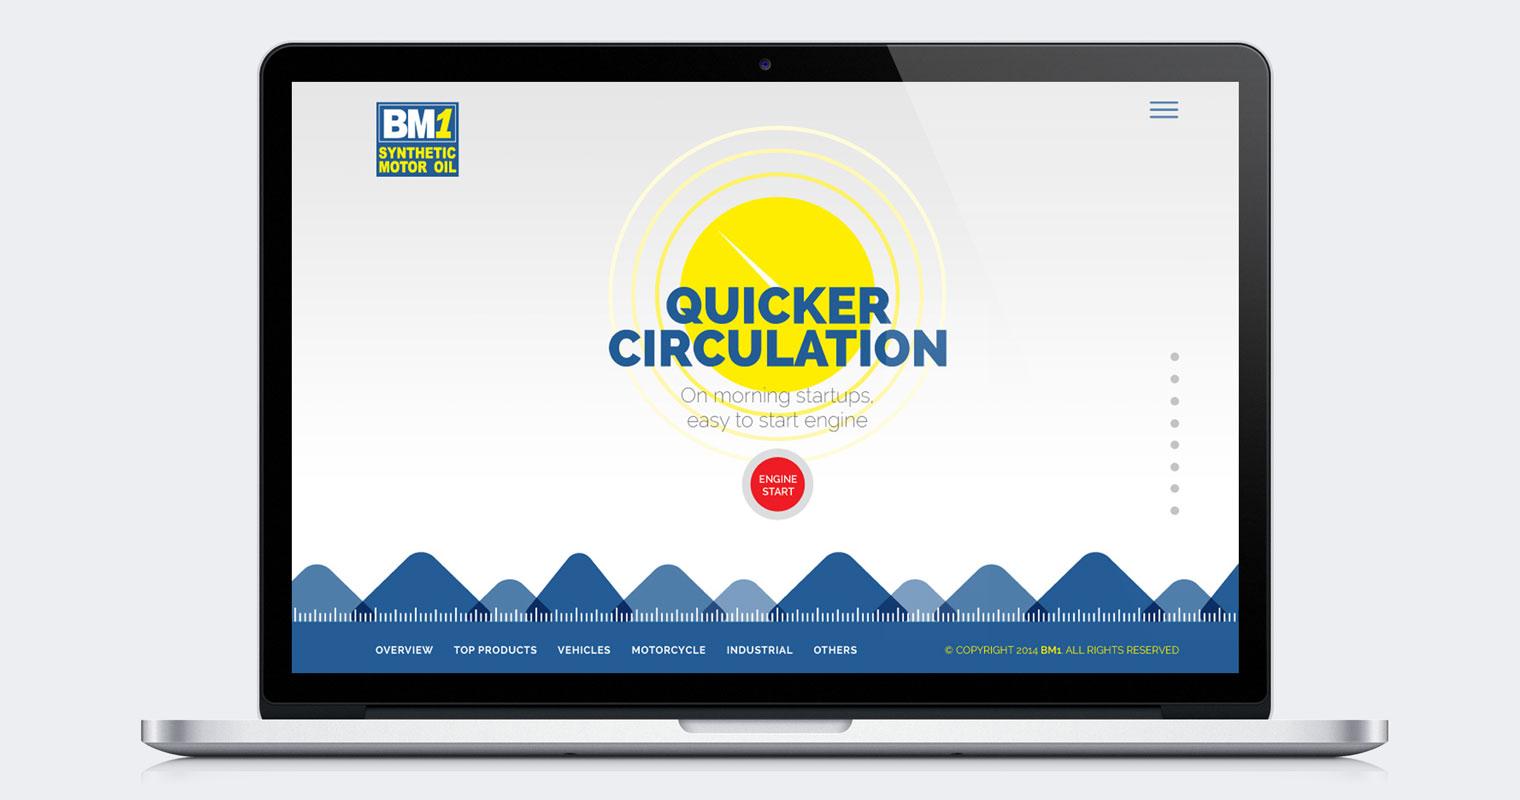 BM1 Motor Oil Website